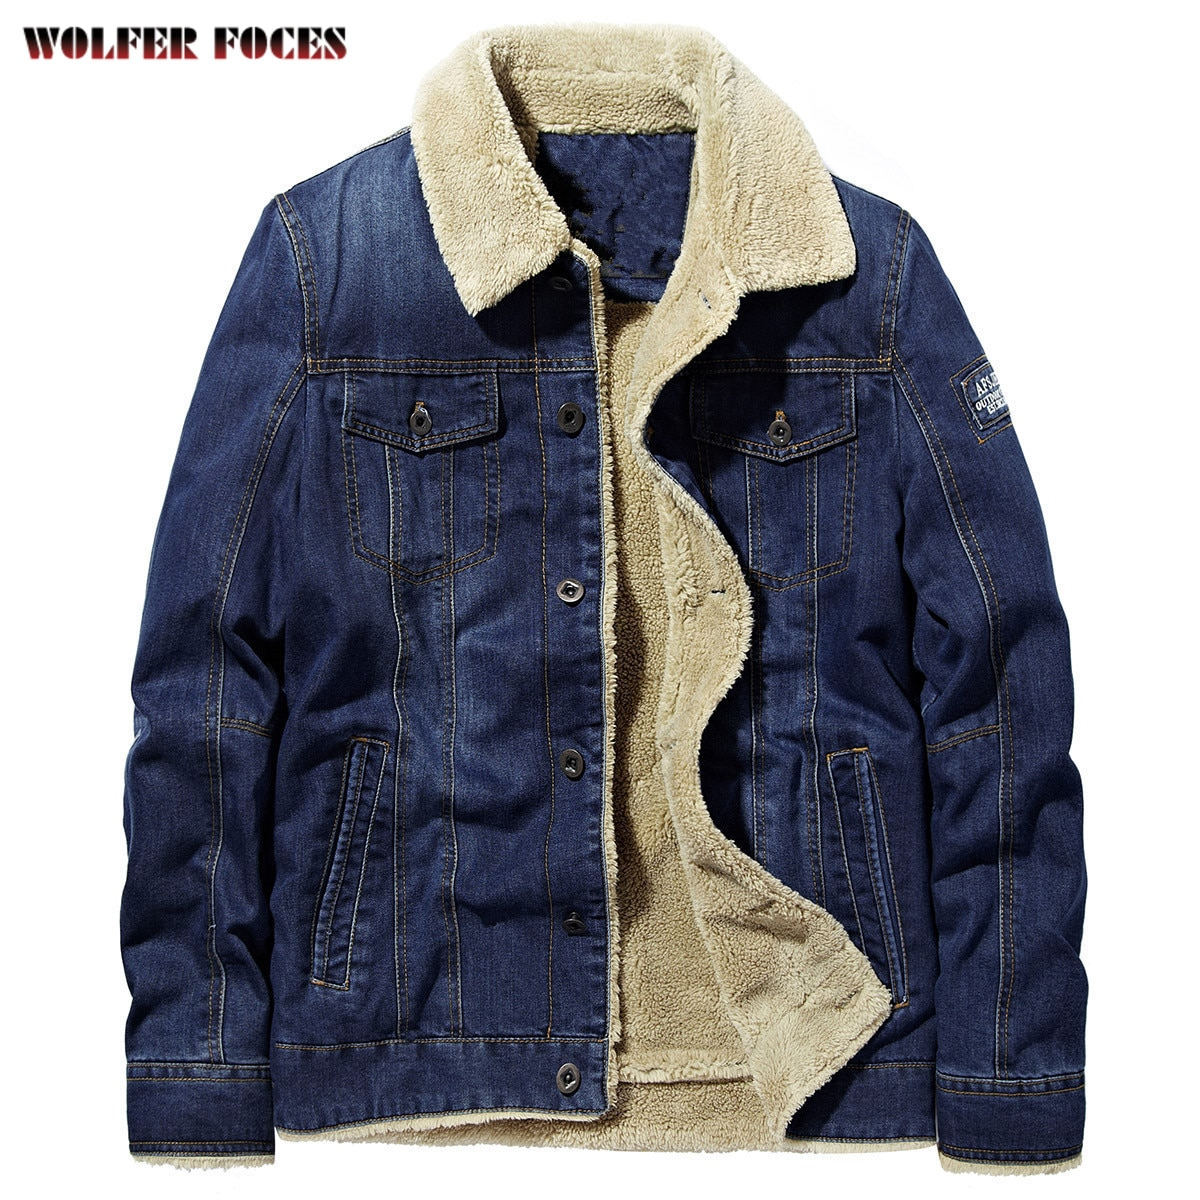 Мужские куртки 2021, брендовая одежда, джинсовые куртки, модная Толстая теплая зимняя модель, горячая Распродажа, новые оригинальные любимые ...